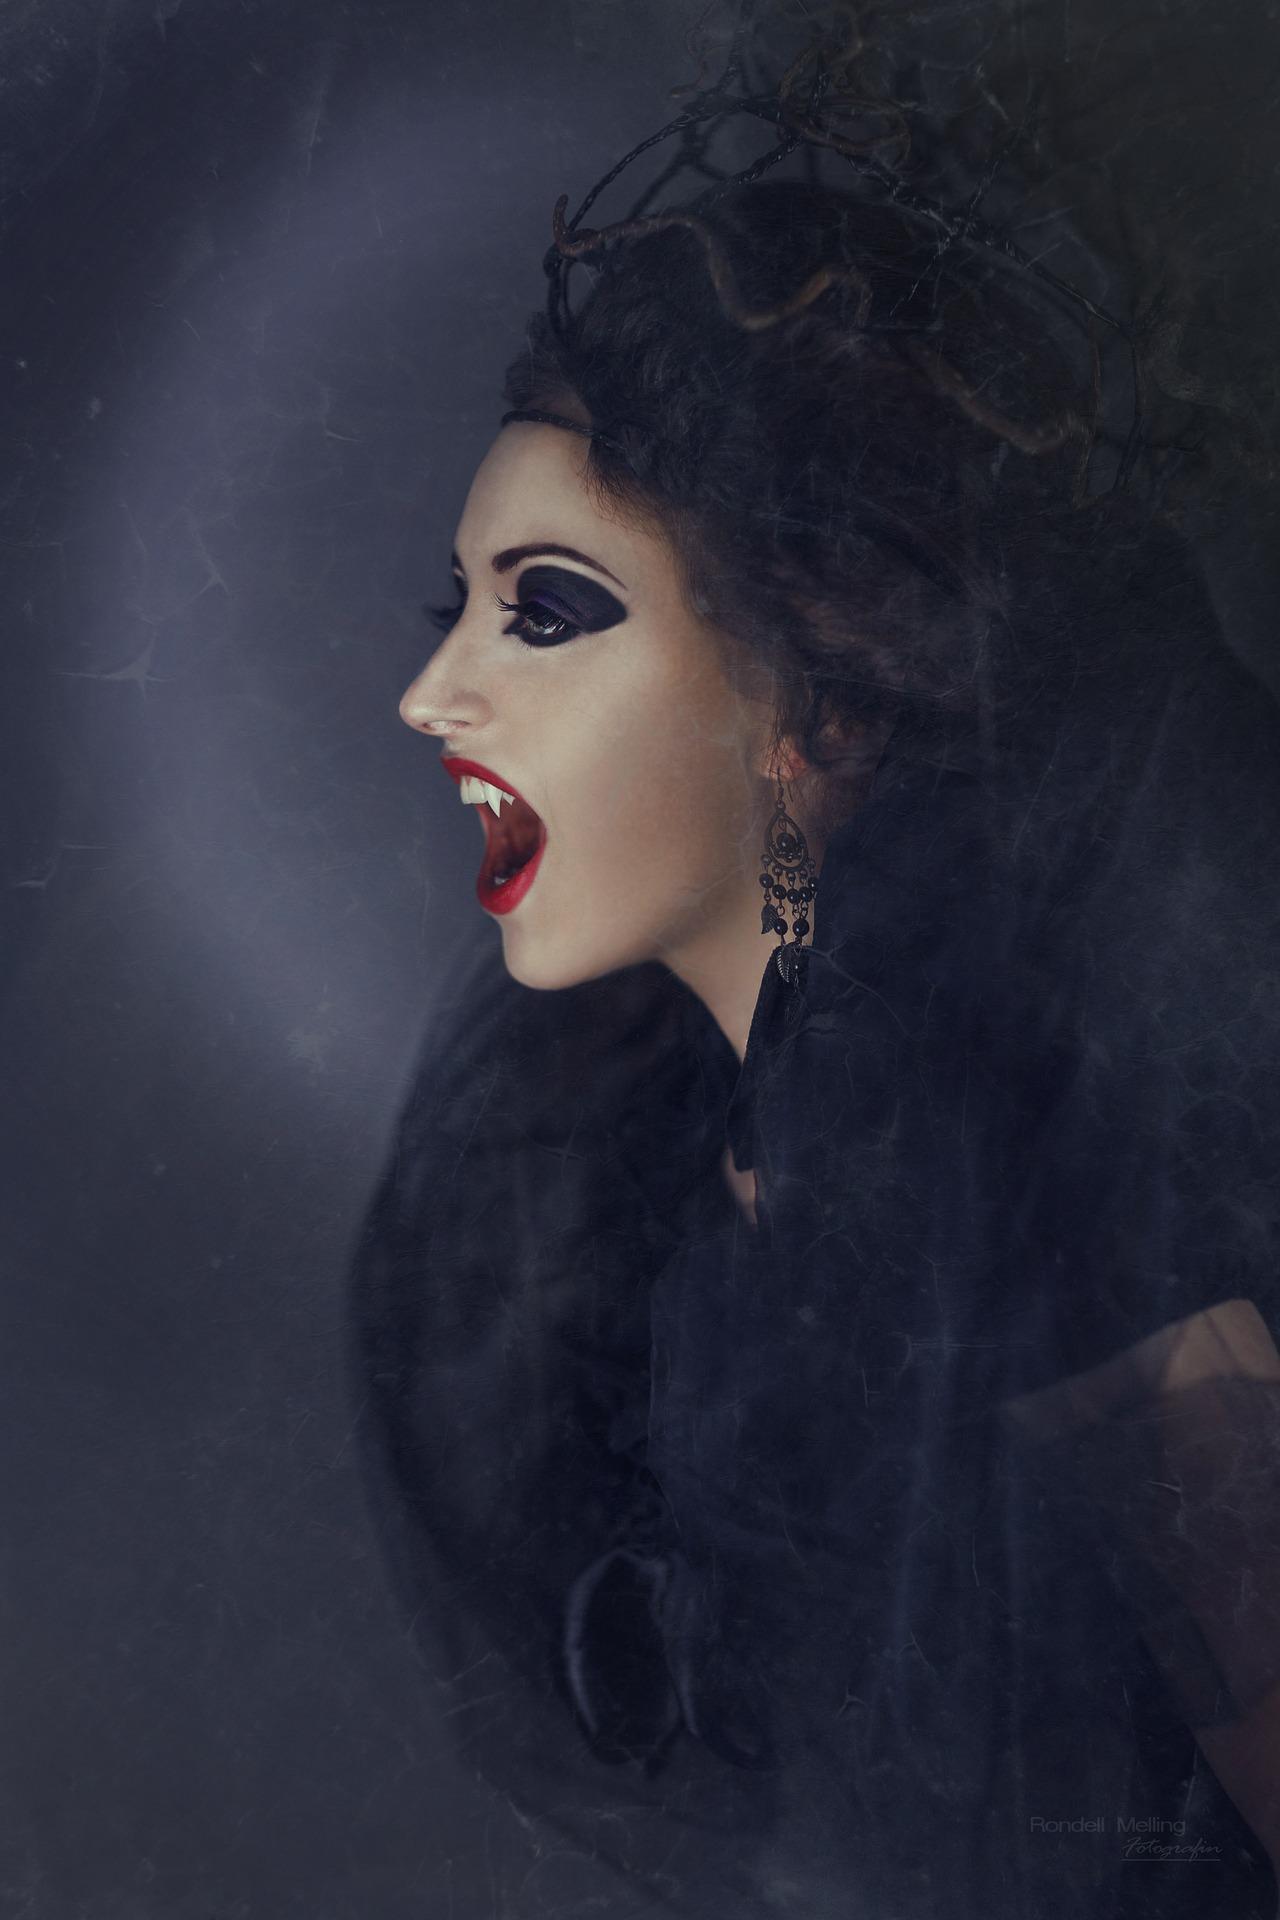 vampire-539684_1920